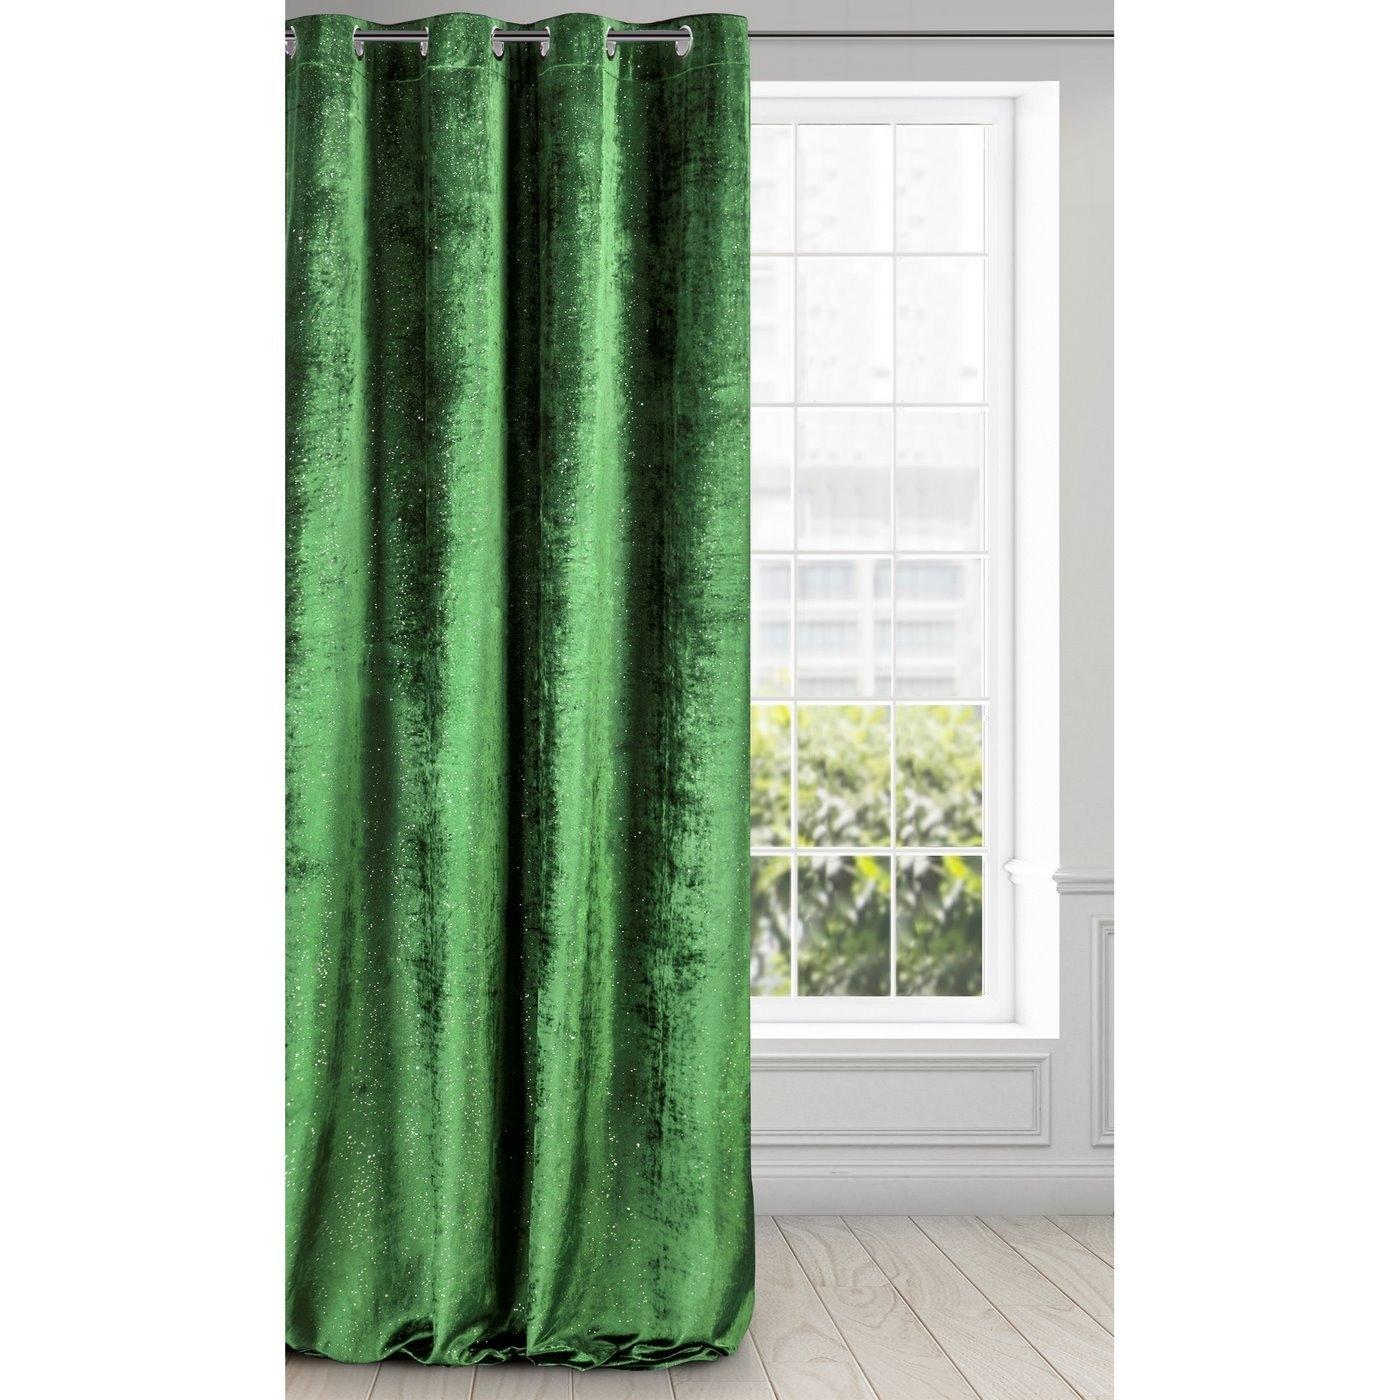 Draperie Elizia Velvet Verde, 140 x 250 cm, 1 bucata poza